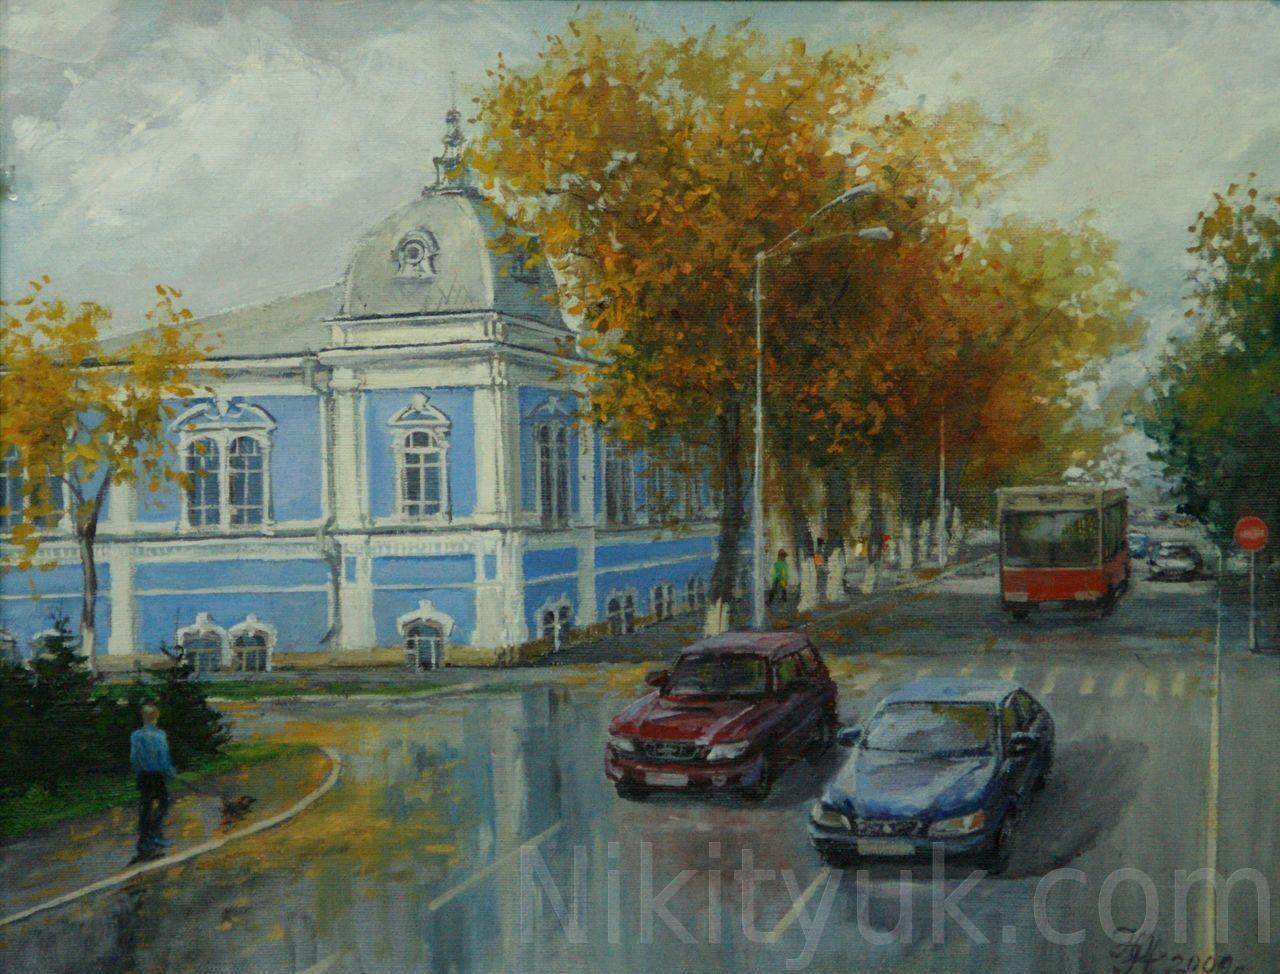 Голубой дом на пр. Ленина, г. Барнаул, х.м., 40х50см, 2009г. 15 000 руб. в налачии